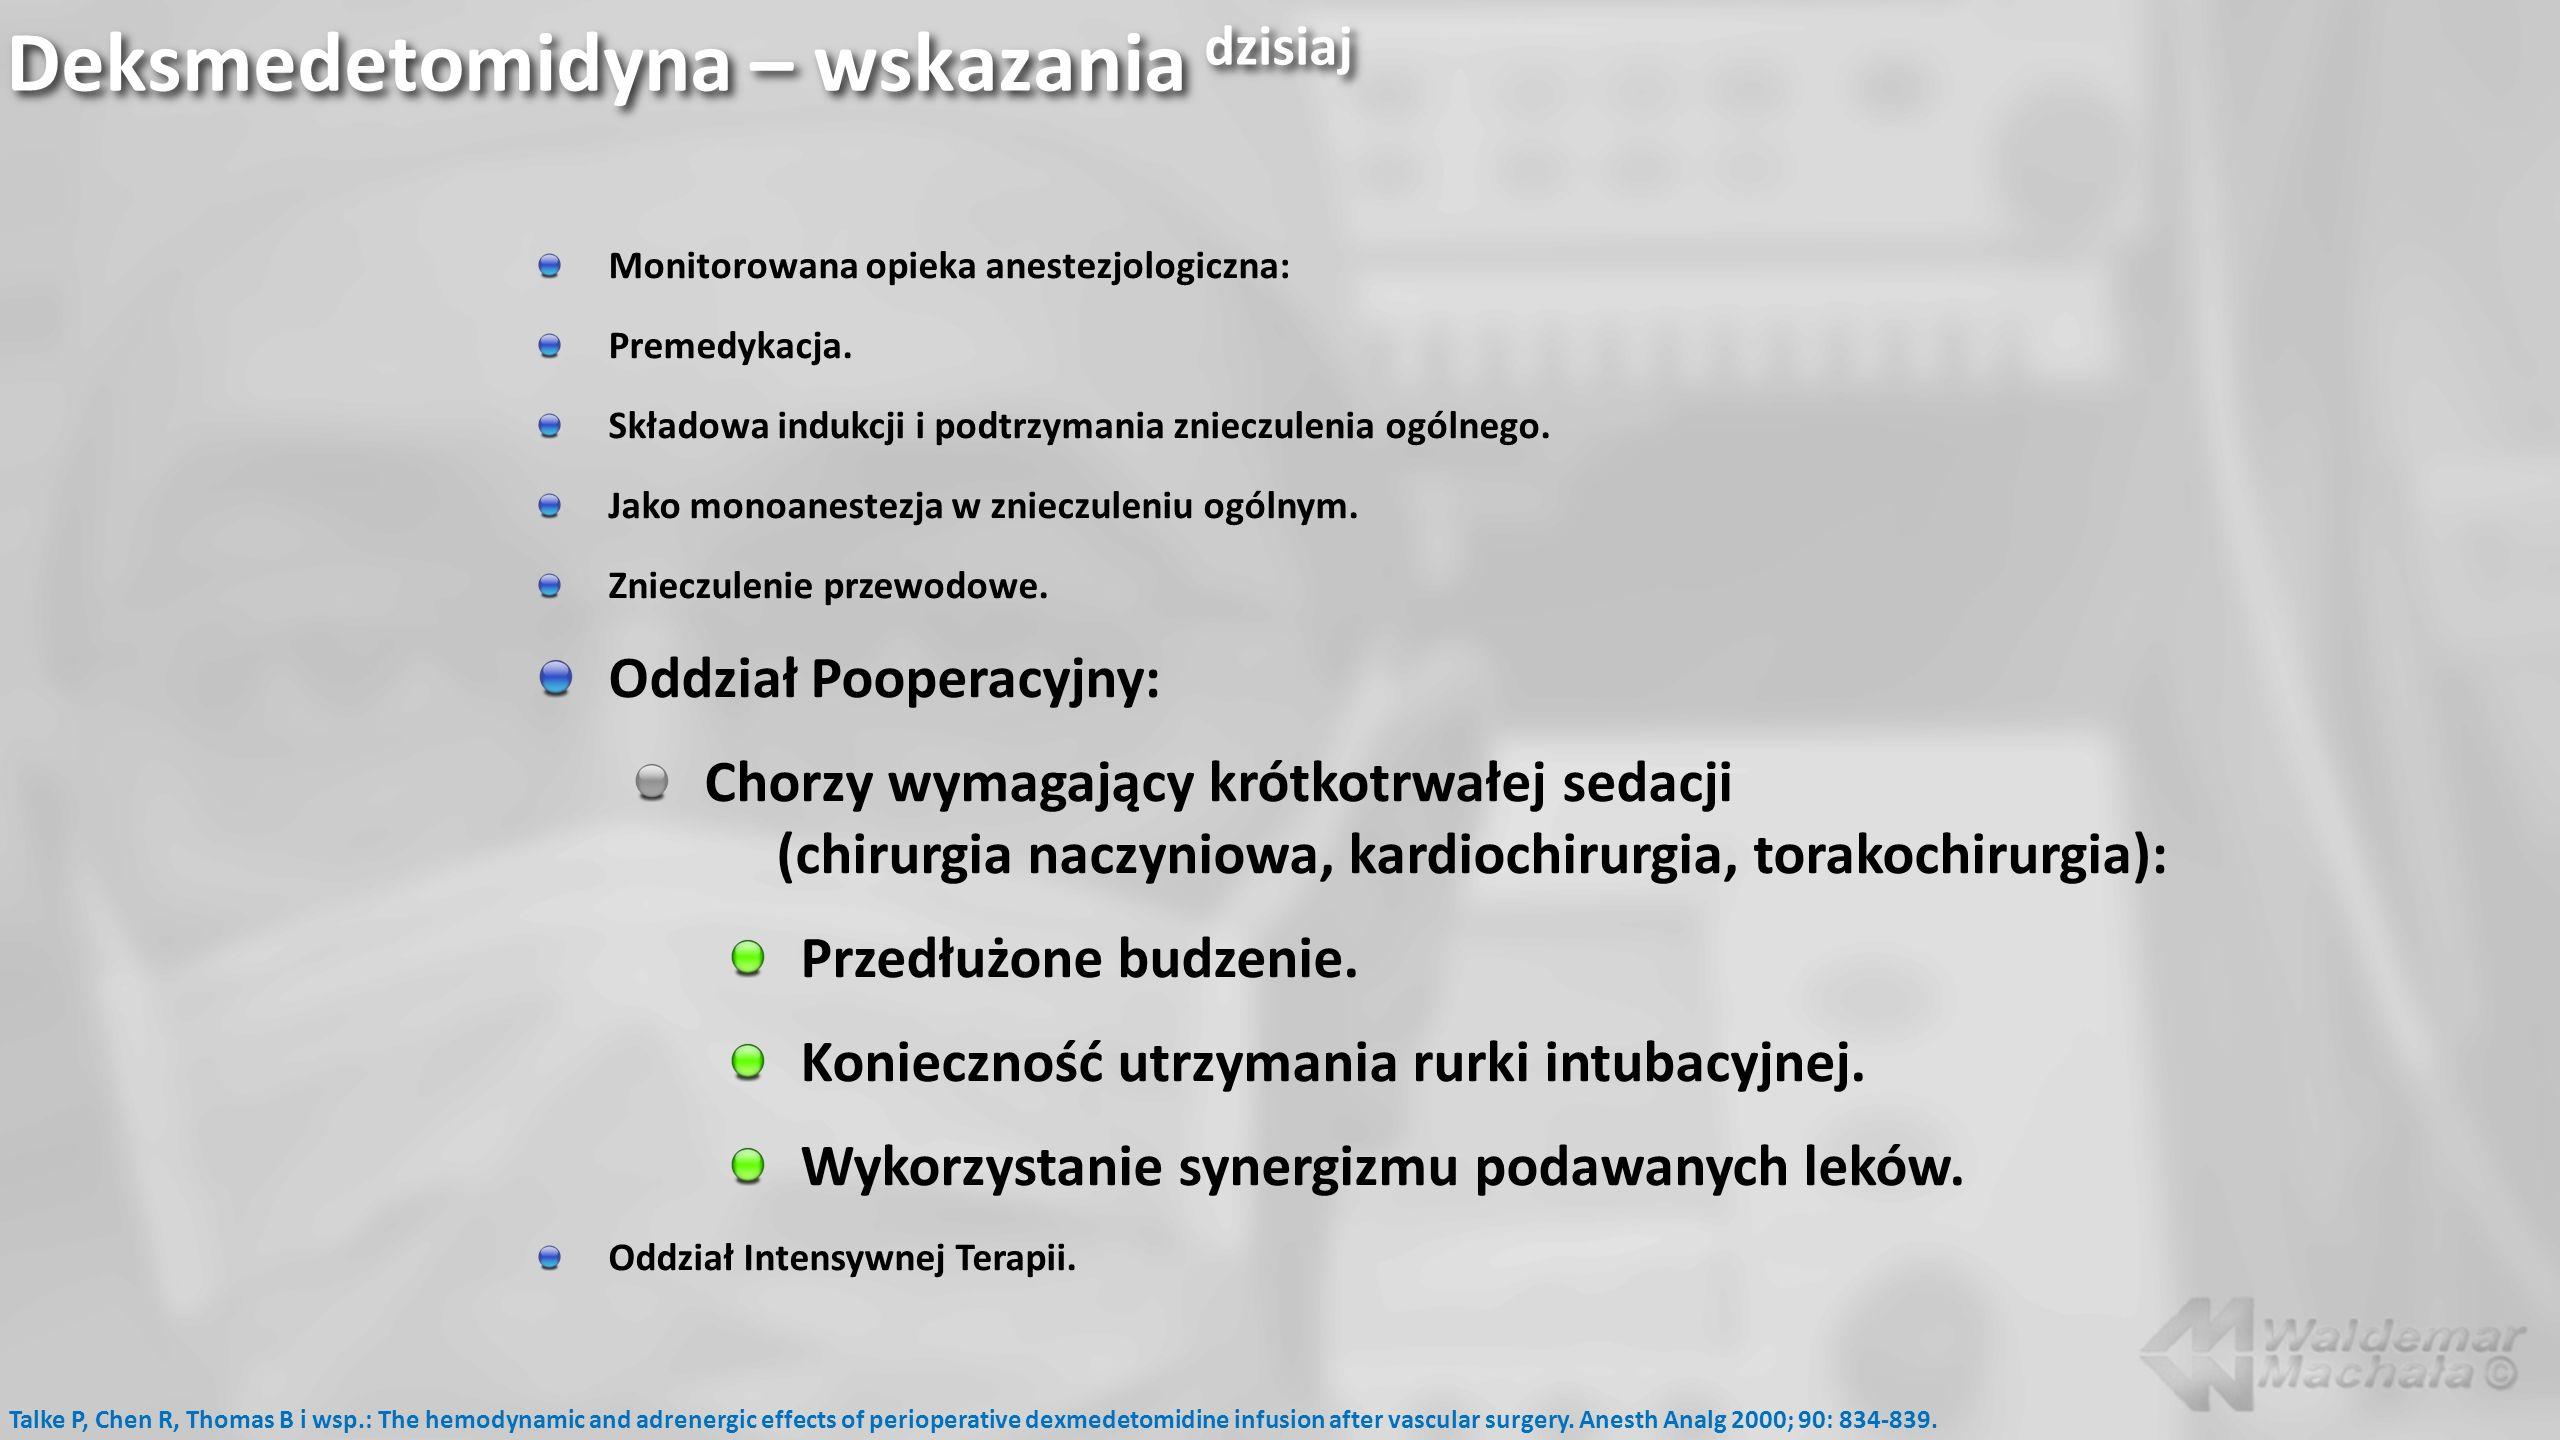 Deksmedetomidyna – wskazania dzisiaj Monitorowana opieka anestezjologiczna: Premedykacja. Składowa indukcji i podtrzymania znieczulenia ogólnego. Jako